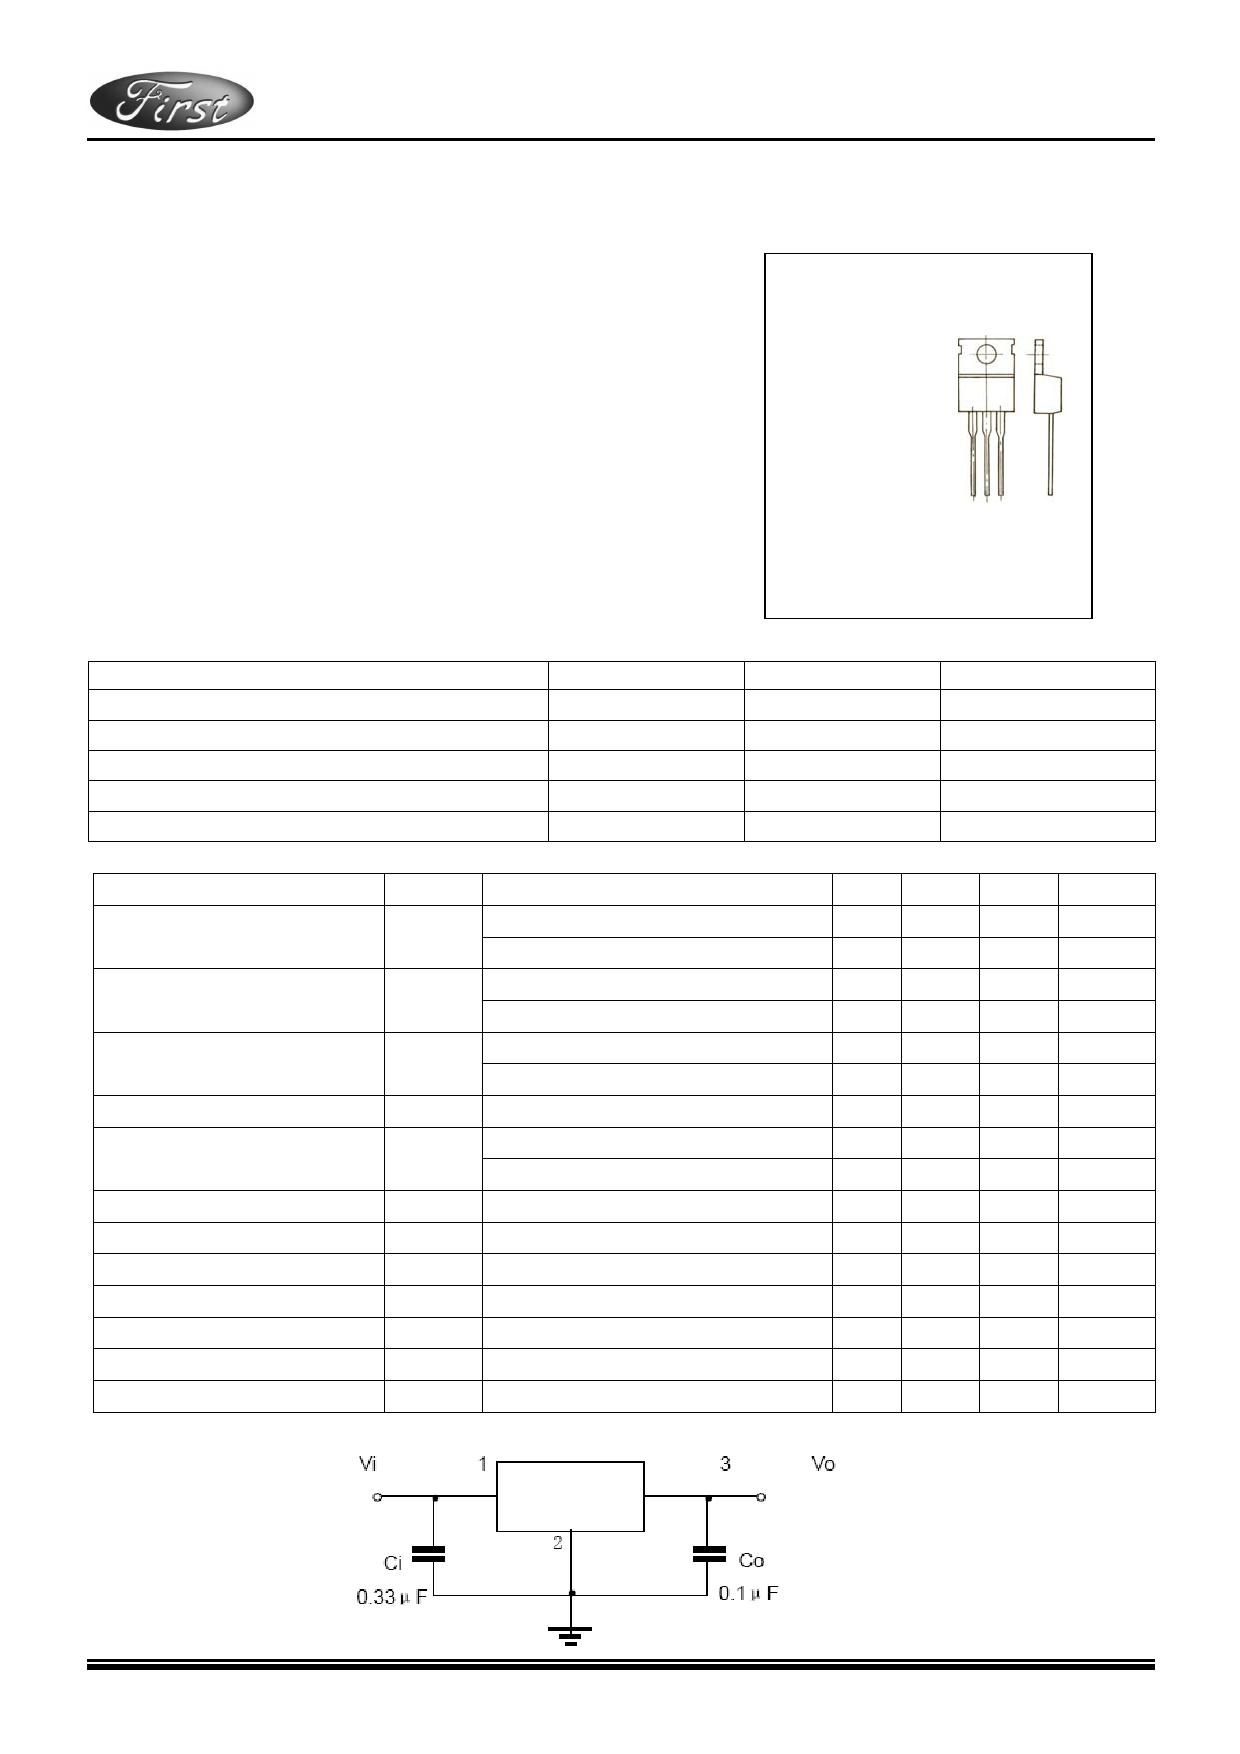 FS7809CTG datasheet